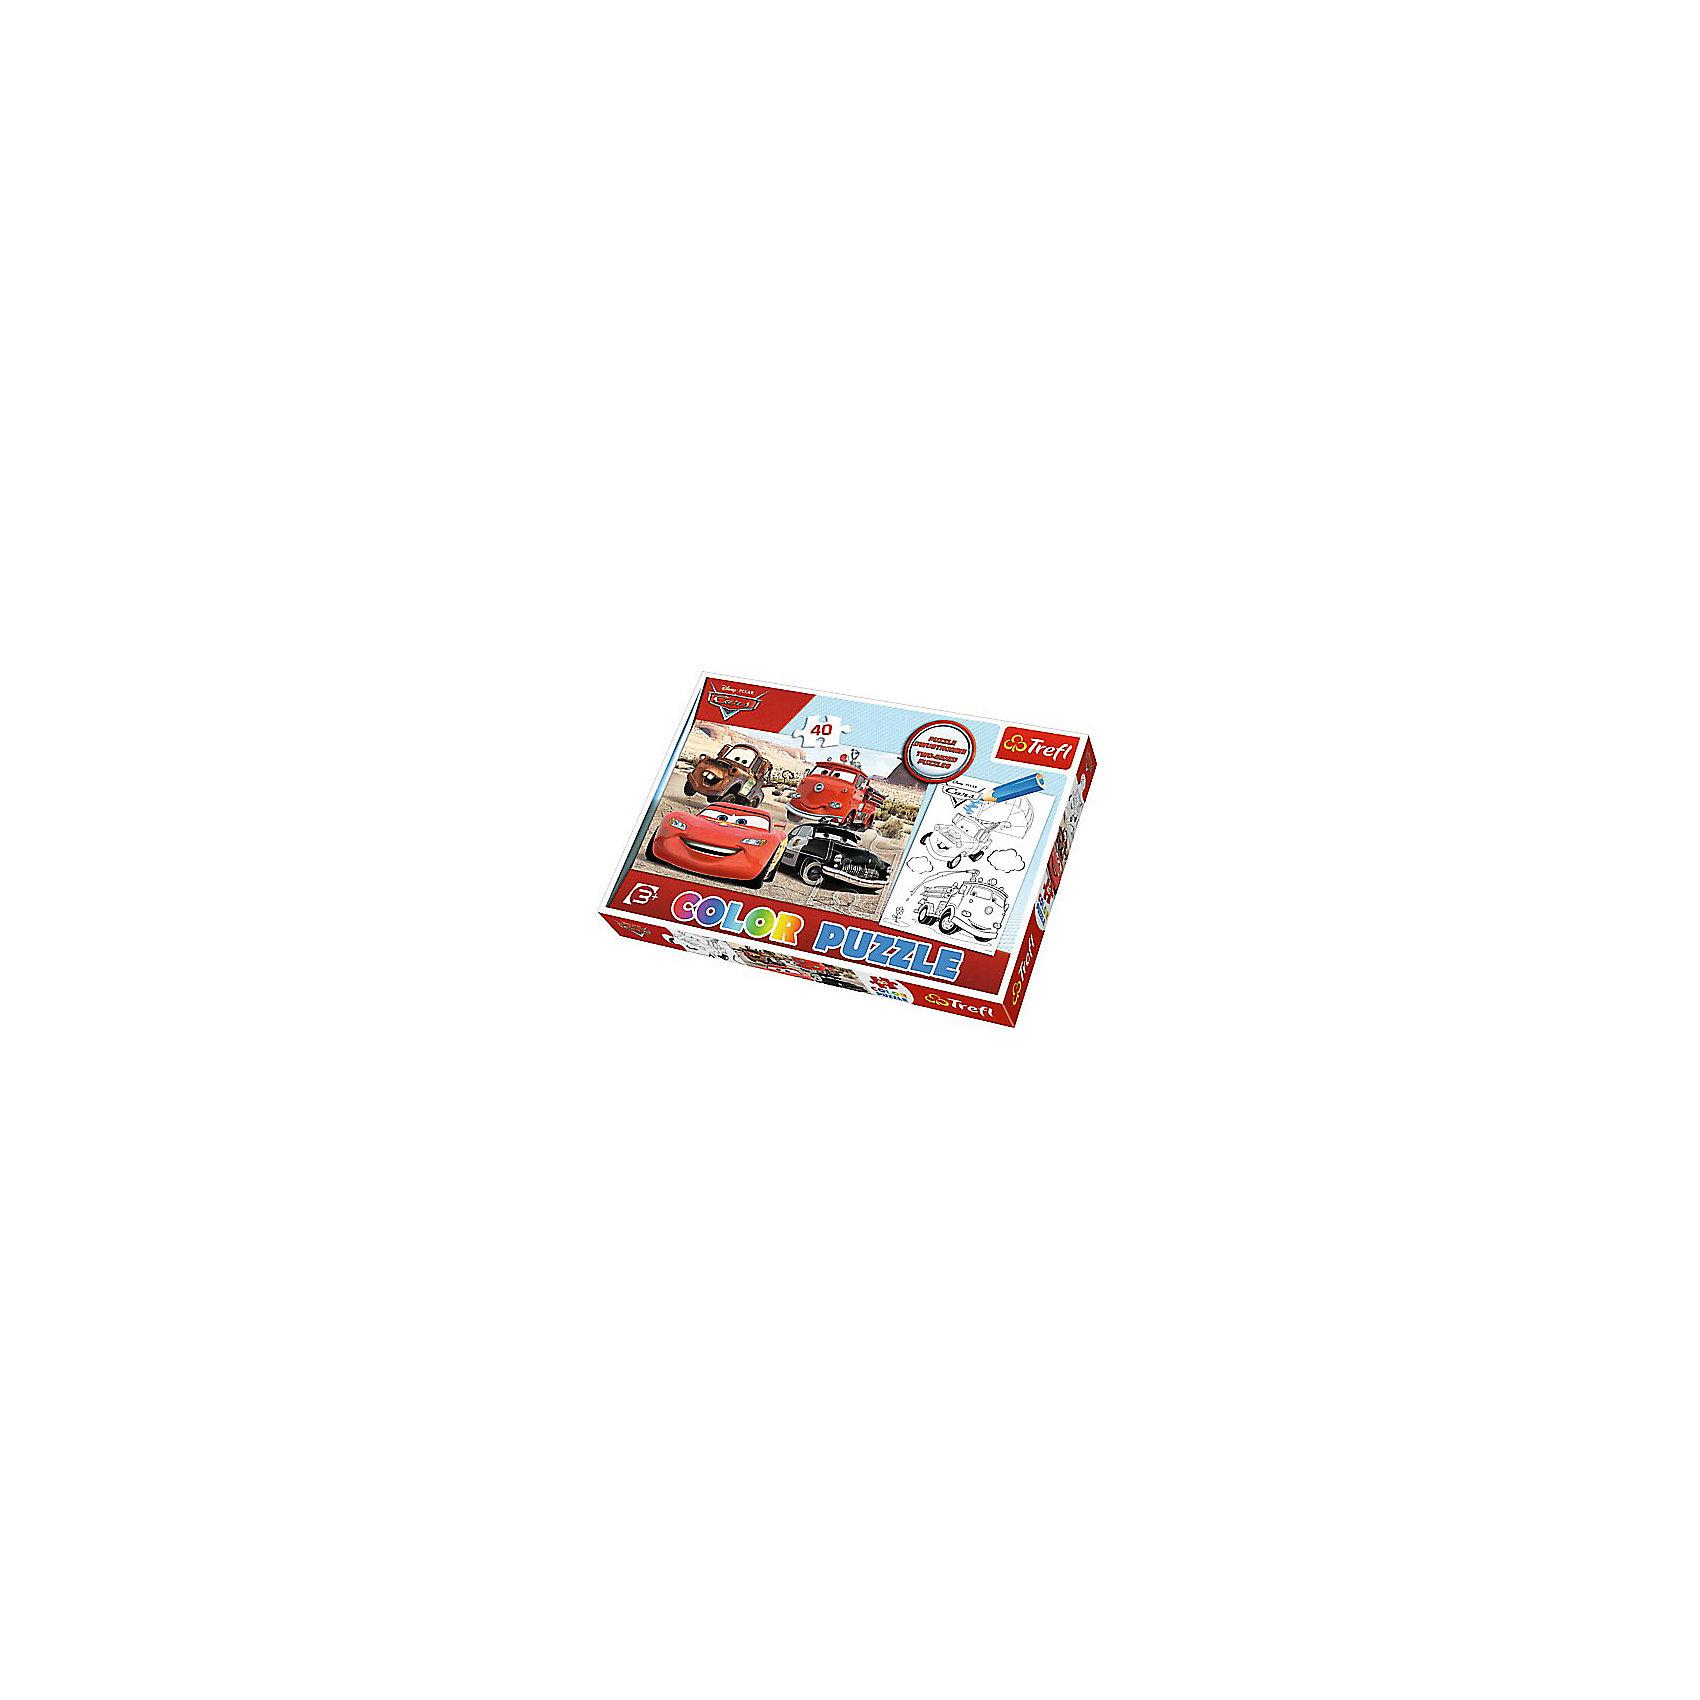 Пазл Колор «Тачки», 40 деталей, TreflПазлы для малышей<br>Характеристики товара:<br><br>• возраст от 3 лет;<br>• материал: картон;<br>• в наборе: 40 элементов;<br>• размер пазла 41х27,5 см;<br>• размер упаковки 33,5х23х4 см см;<br>• вес упаковки 200 гр.;<br>• страна производитель Польша.<br><br>Пазл Колор «Тачки» Trefl создан по мотивам известного мультфильма «Тачки». С одной стороны пазла изображены любимые персонажи, а с другой стороны черно-белая картинка, которую надо раскрасить. Такое занятие увлечет малышей и позволит им проявить свои творческие способности и фантазию.<br><br>Пазл Колор «Тачки» Trefl можно приобрести в нашем интернет-магазине.<br><br>Ширина мм: 350<br>Глубина мм: 470<br>Высота мм: 230<br>Вес г: 200<br>Возраст от месяцев: 36<br>Возраст до месяцев: 2147483647<br>Пол: Мужской<br>Возраст: Детский<br>SKU: 5578471